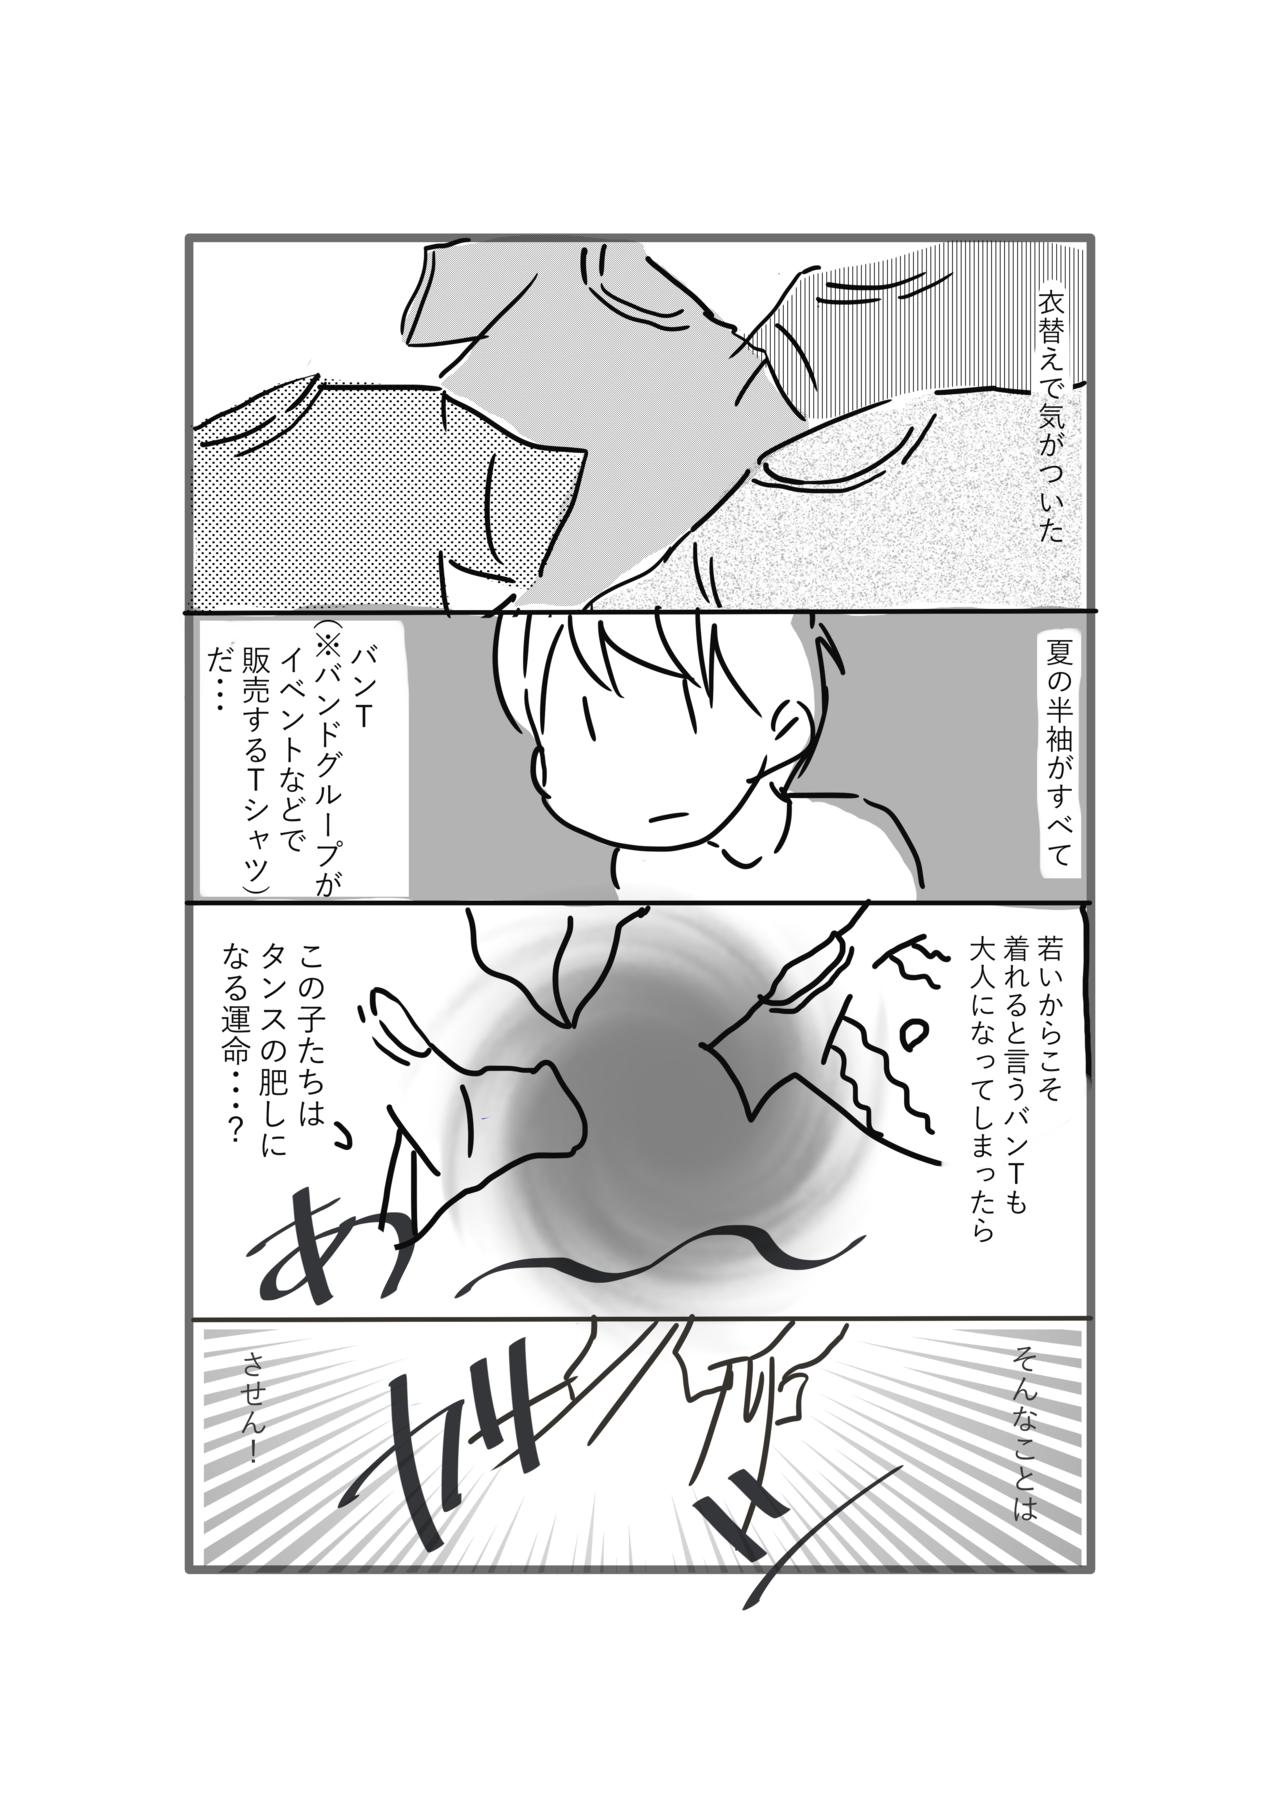 えむ こ 93